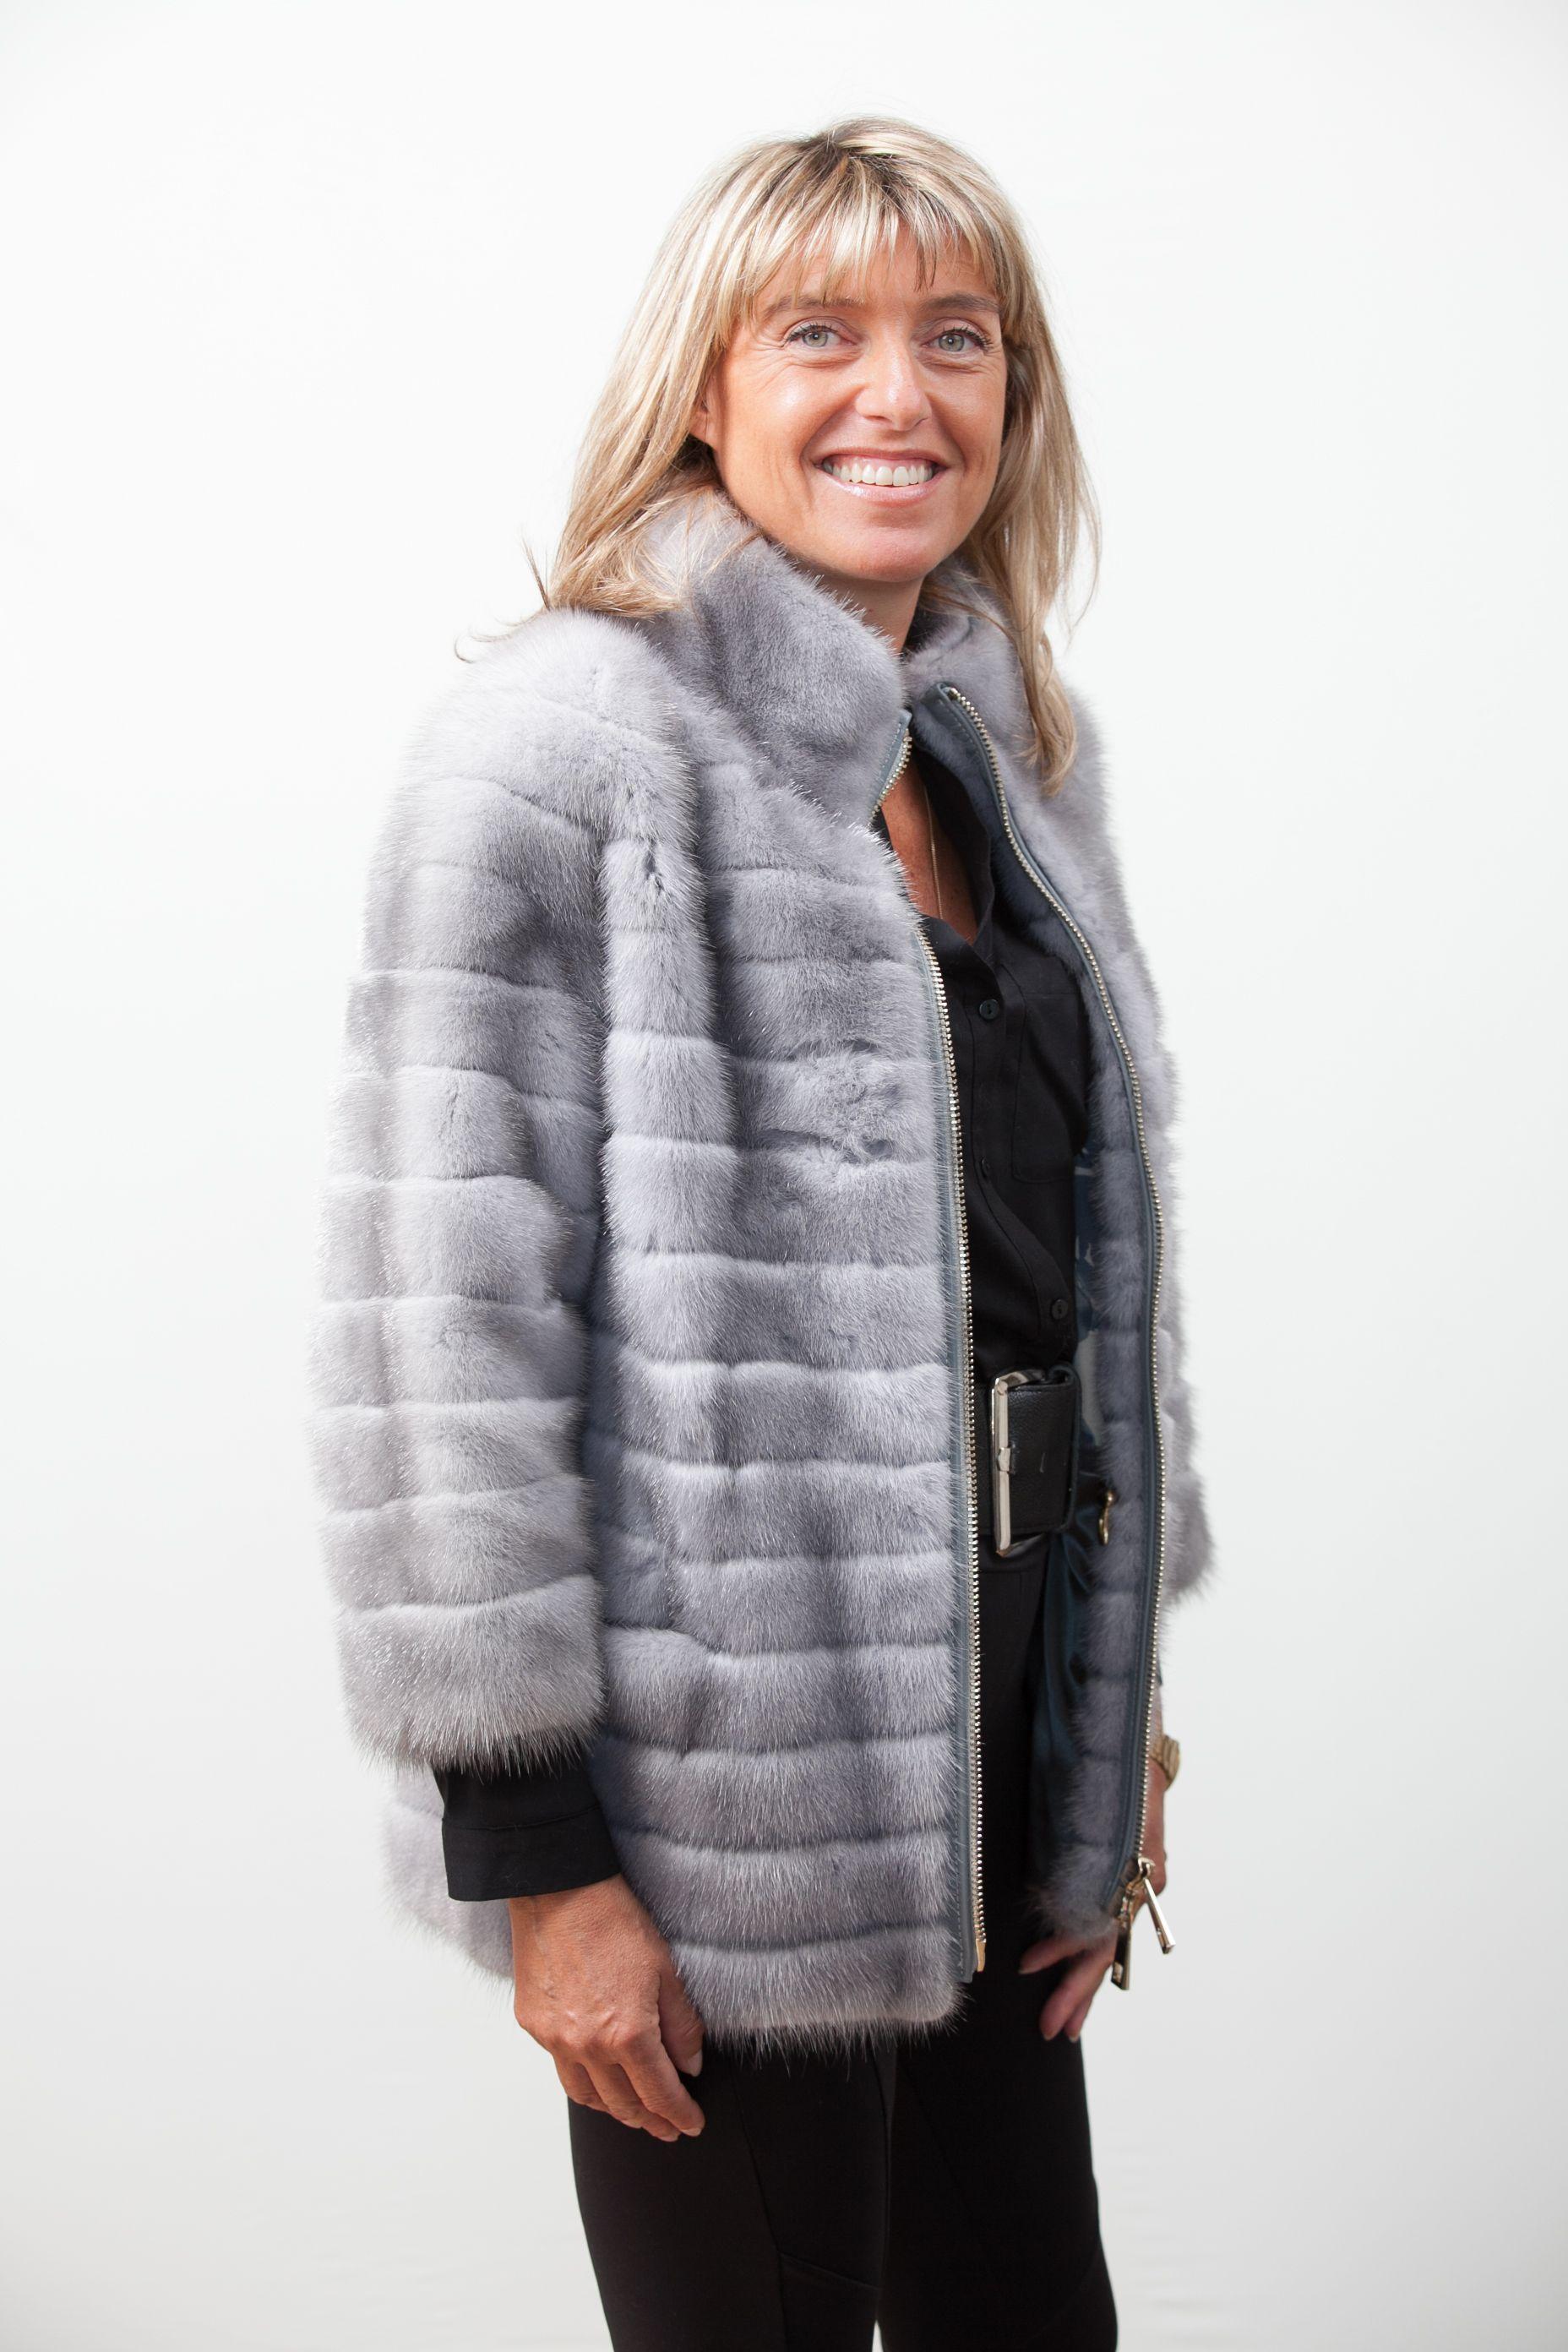 605aa39dbd Fourrure Privée est une boutique en ligne spécialisée dans les produits  haut de gamme en fourrure véritable. Manteau Fourrure, Fourrures, Vestes ...